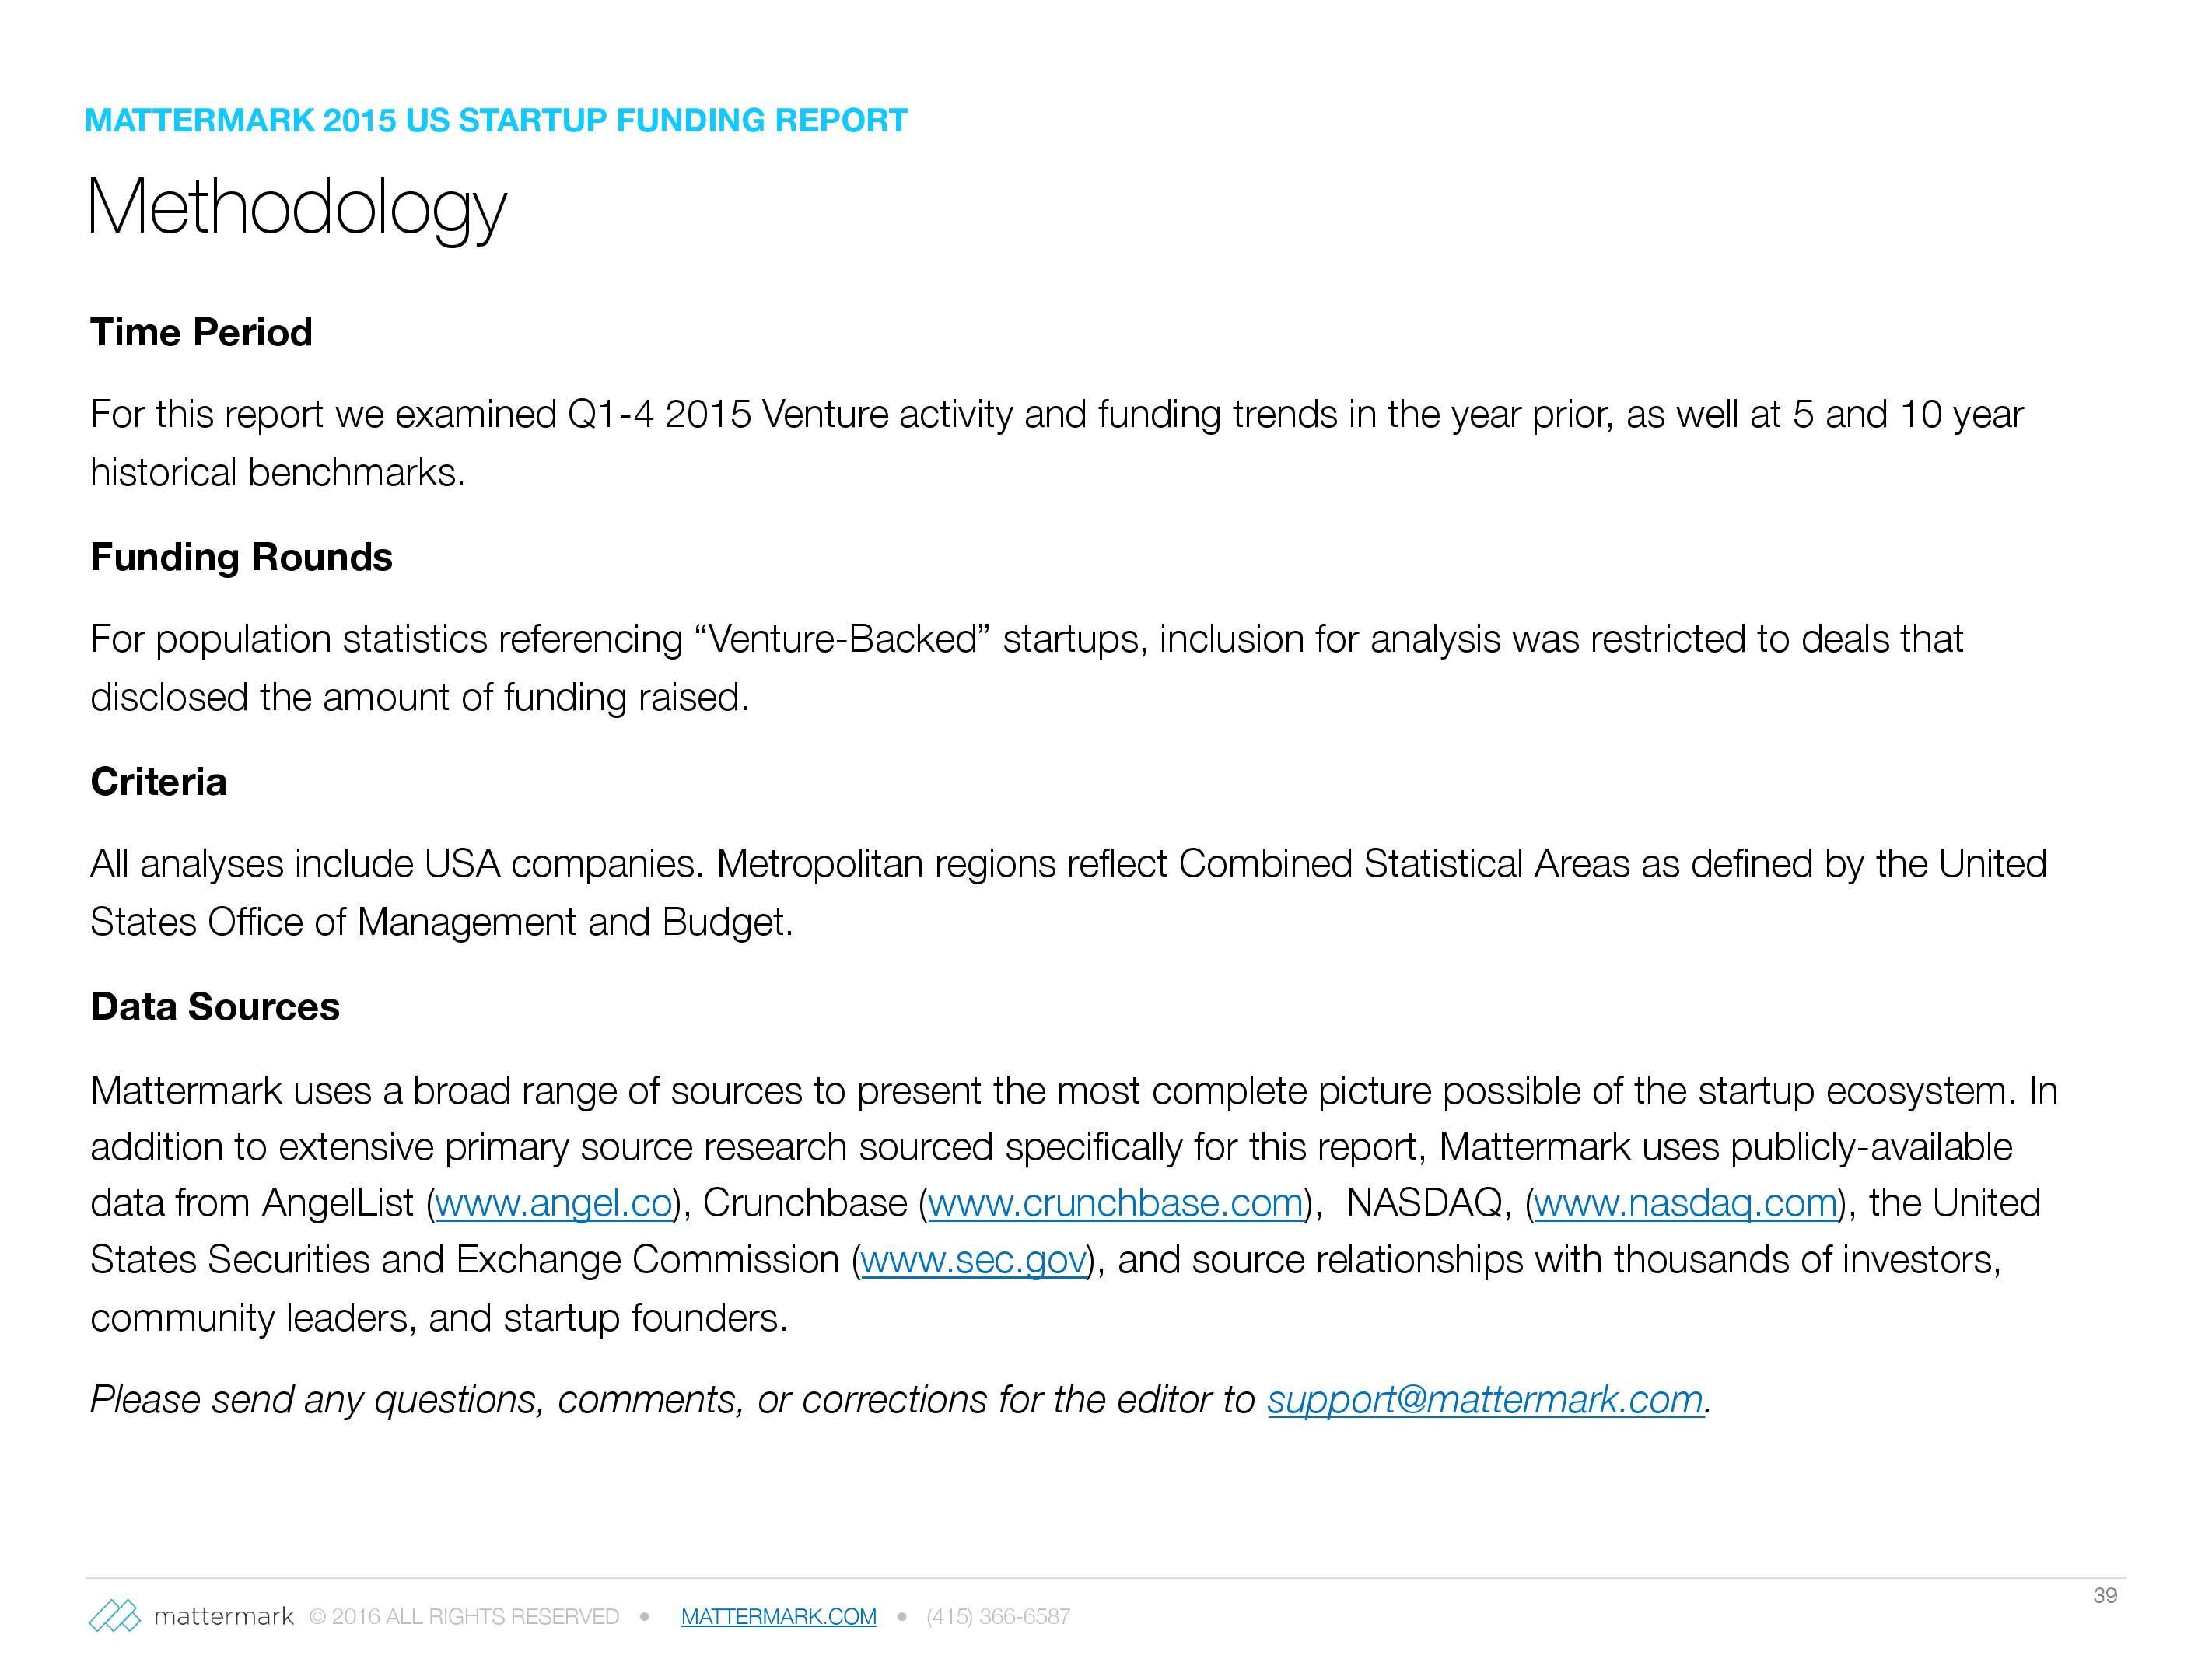 2015年美国创业公司风险投资发展趋势报告_000039